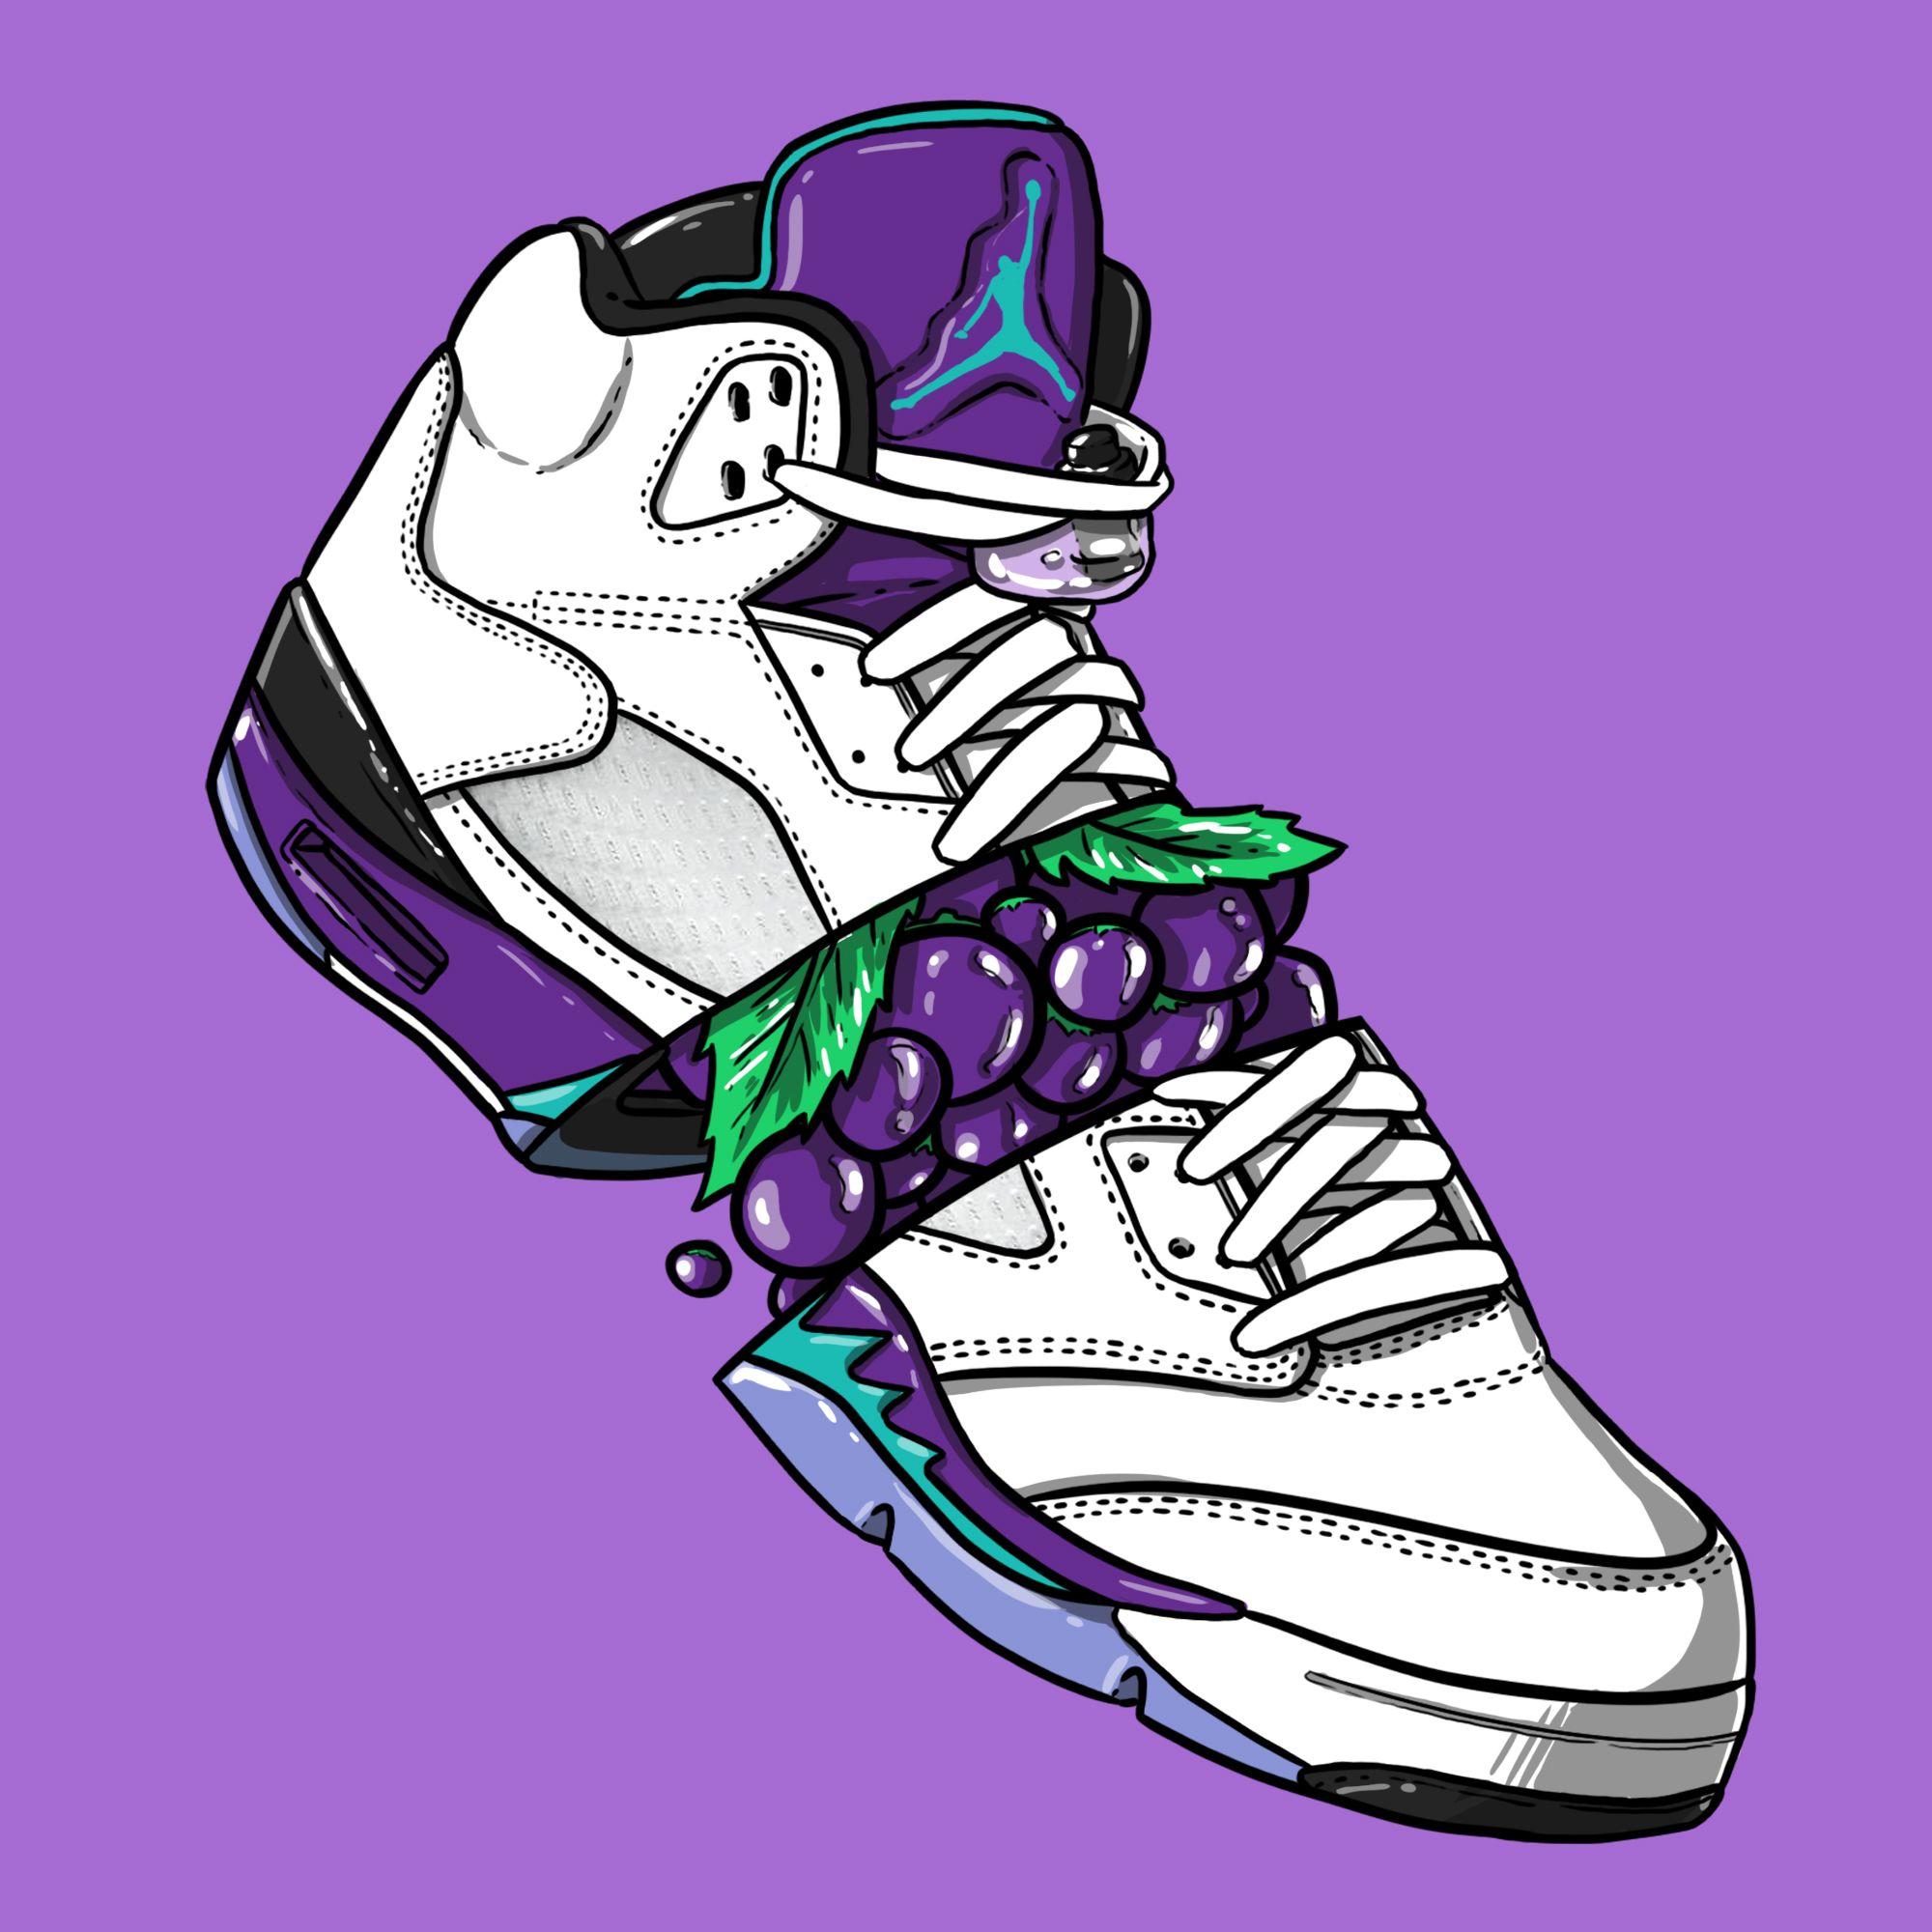 Sneaker art jordan v grape sneaker art pinterest - Cool shoe wallpapers ...